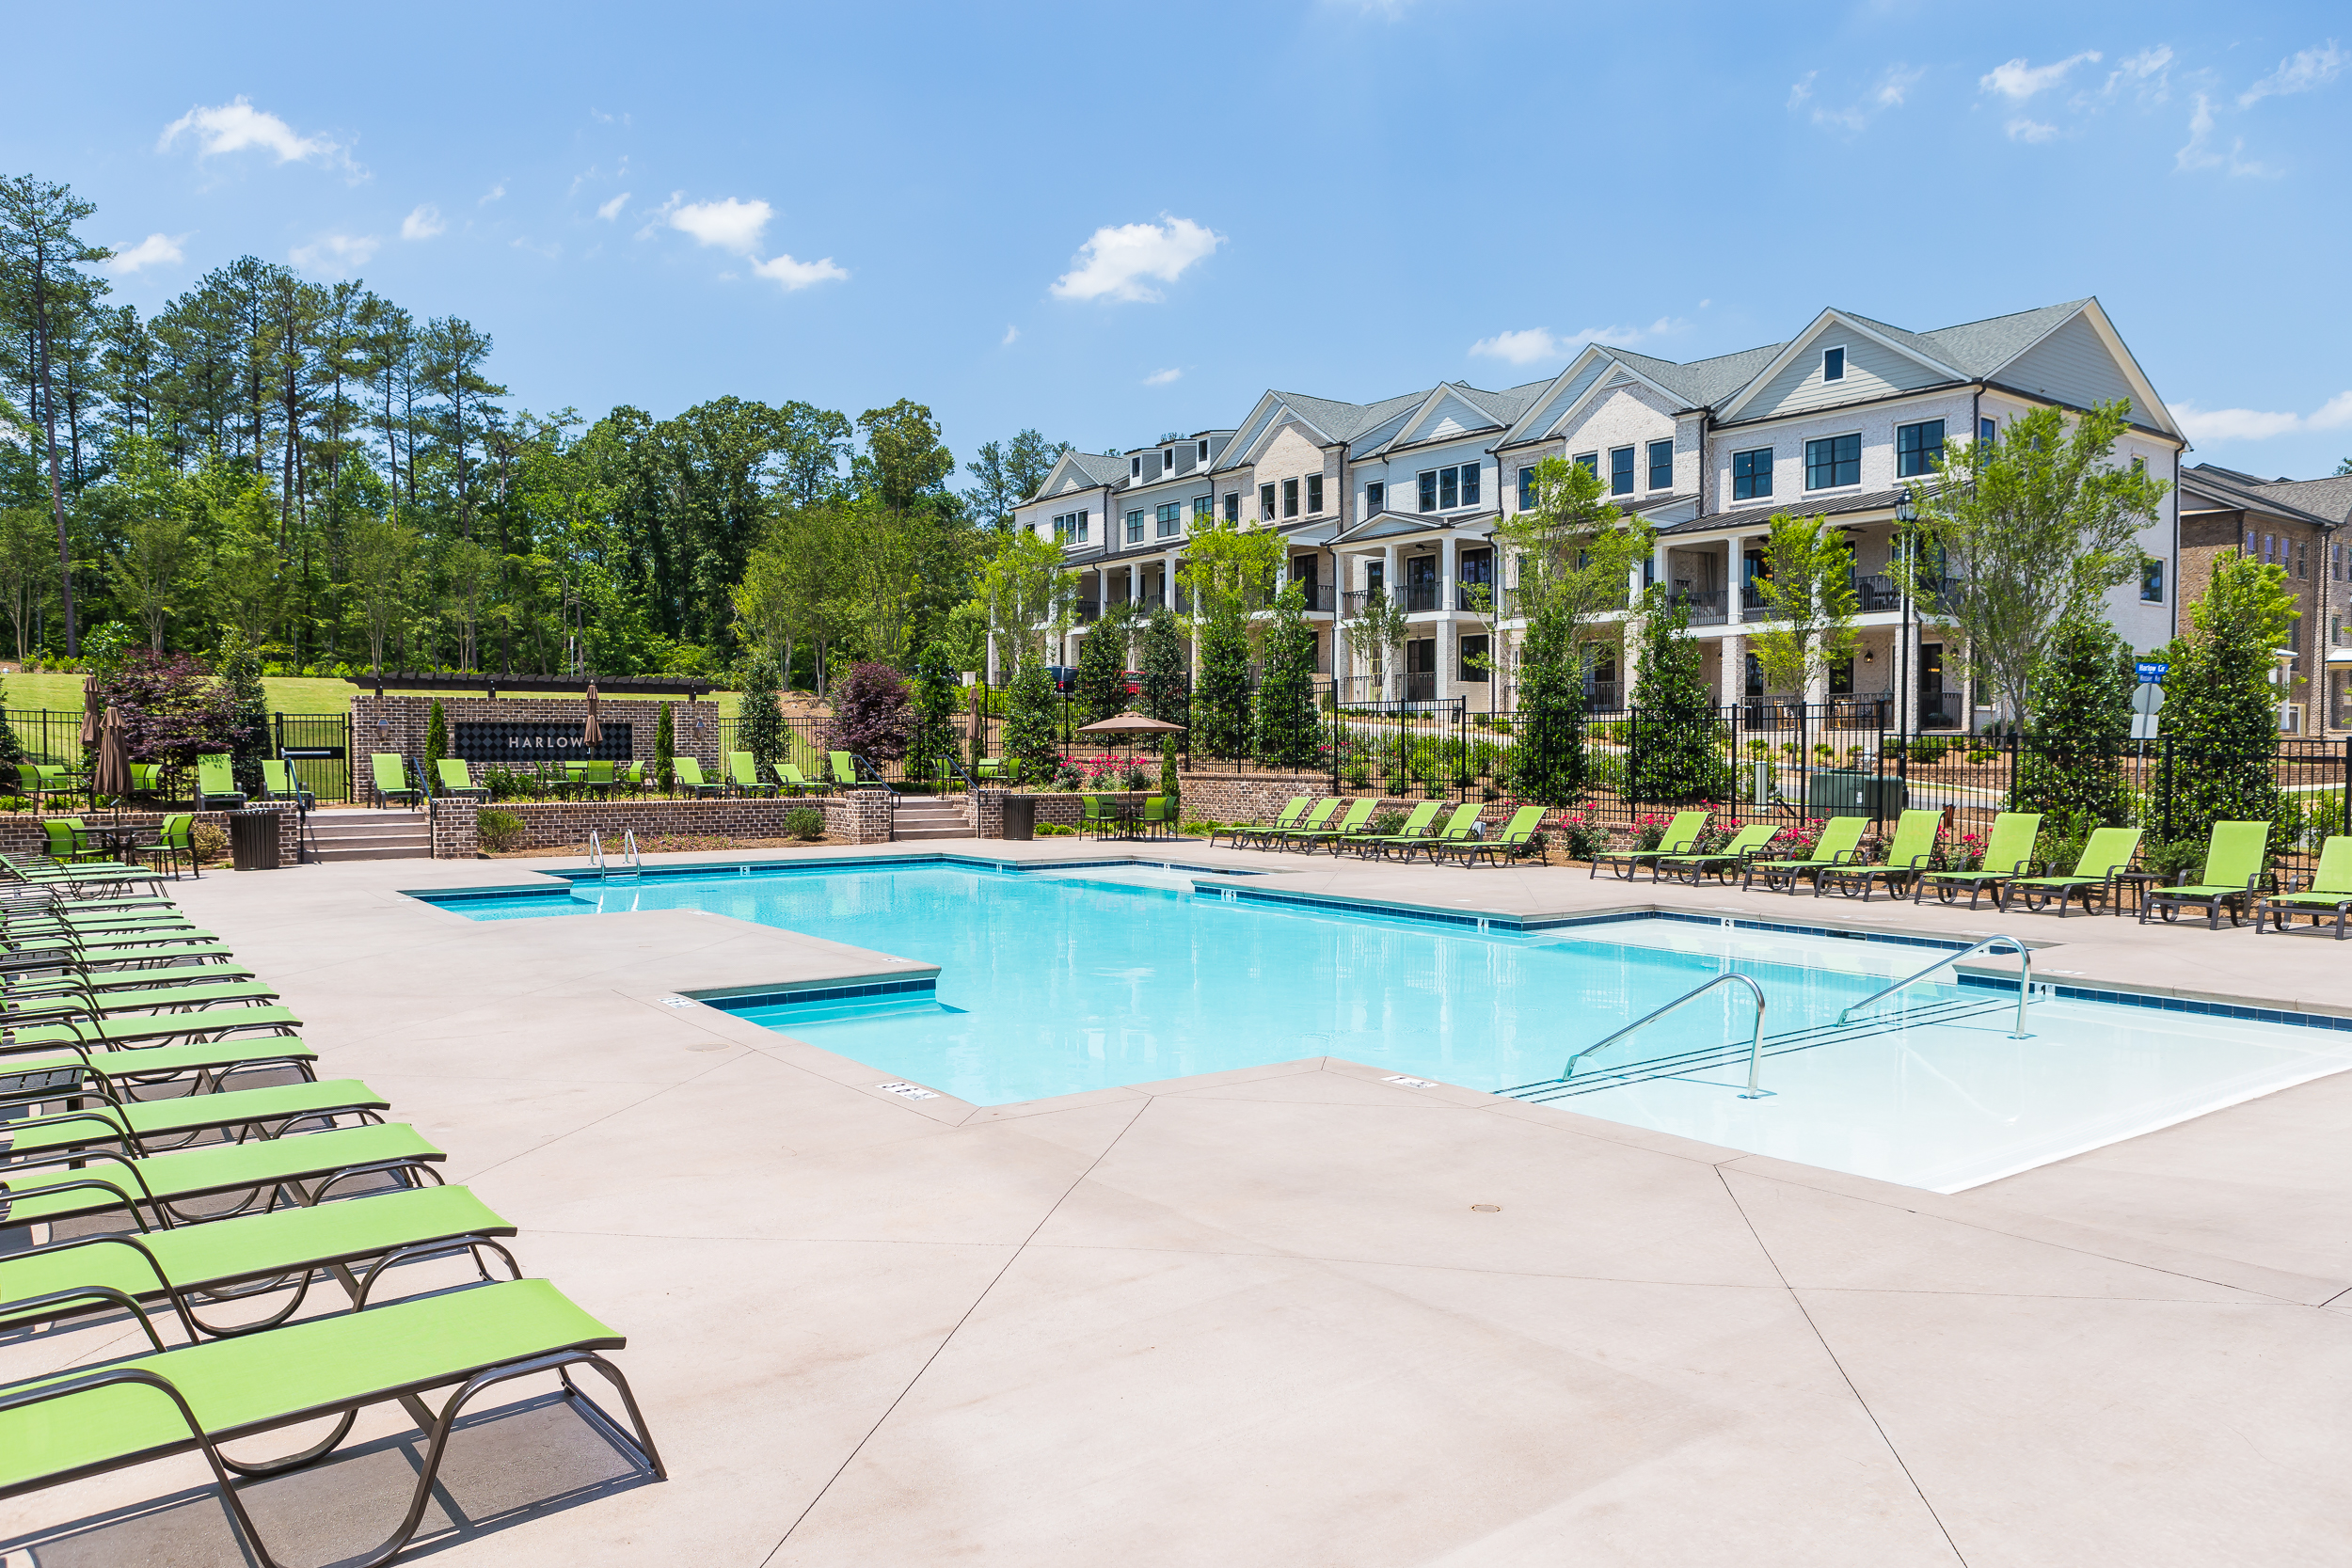 Harlow swimming pool